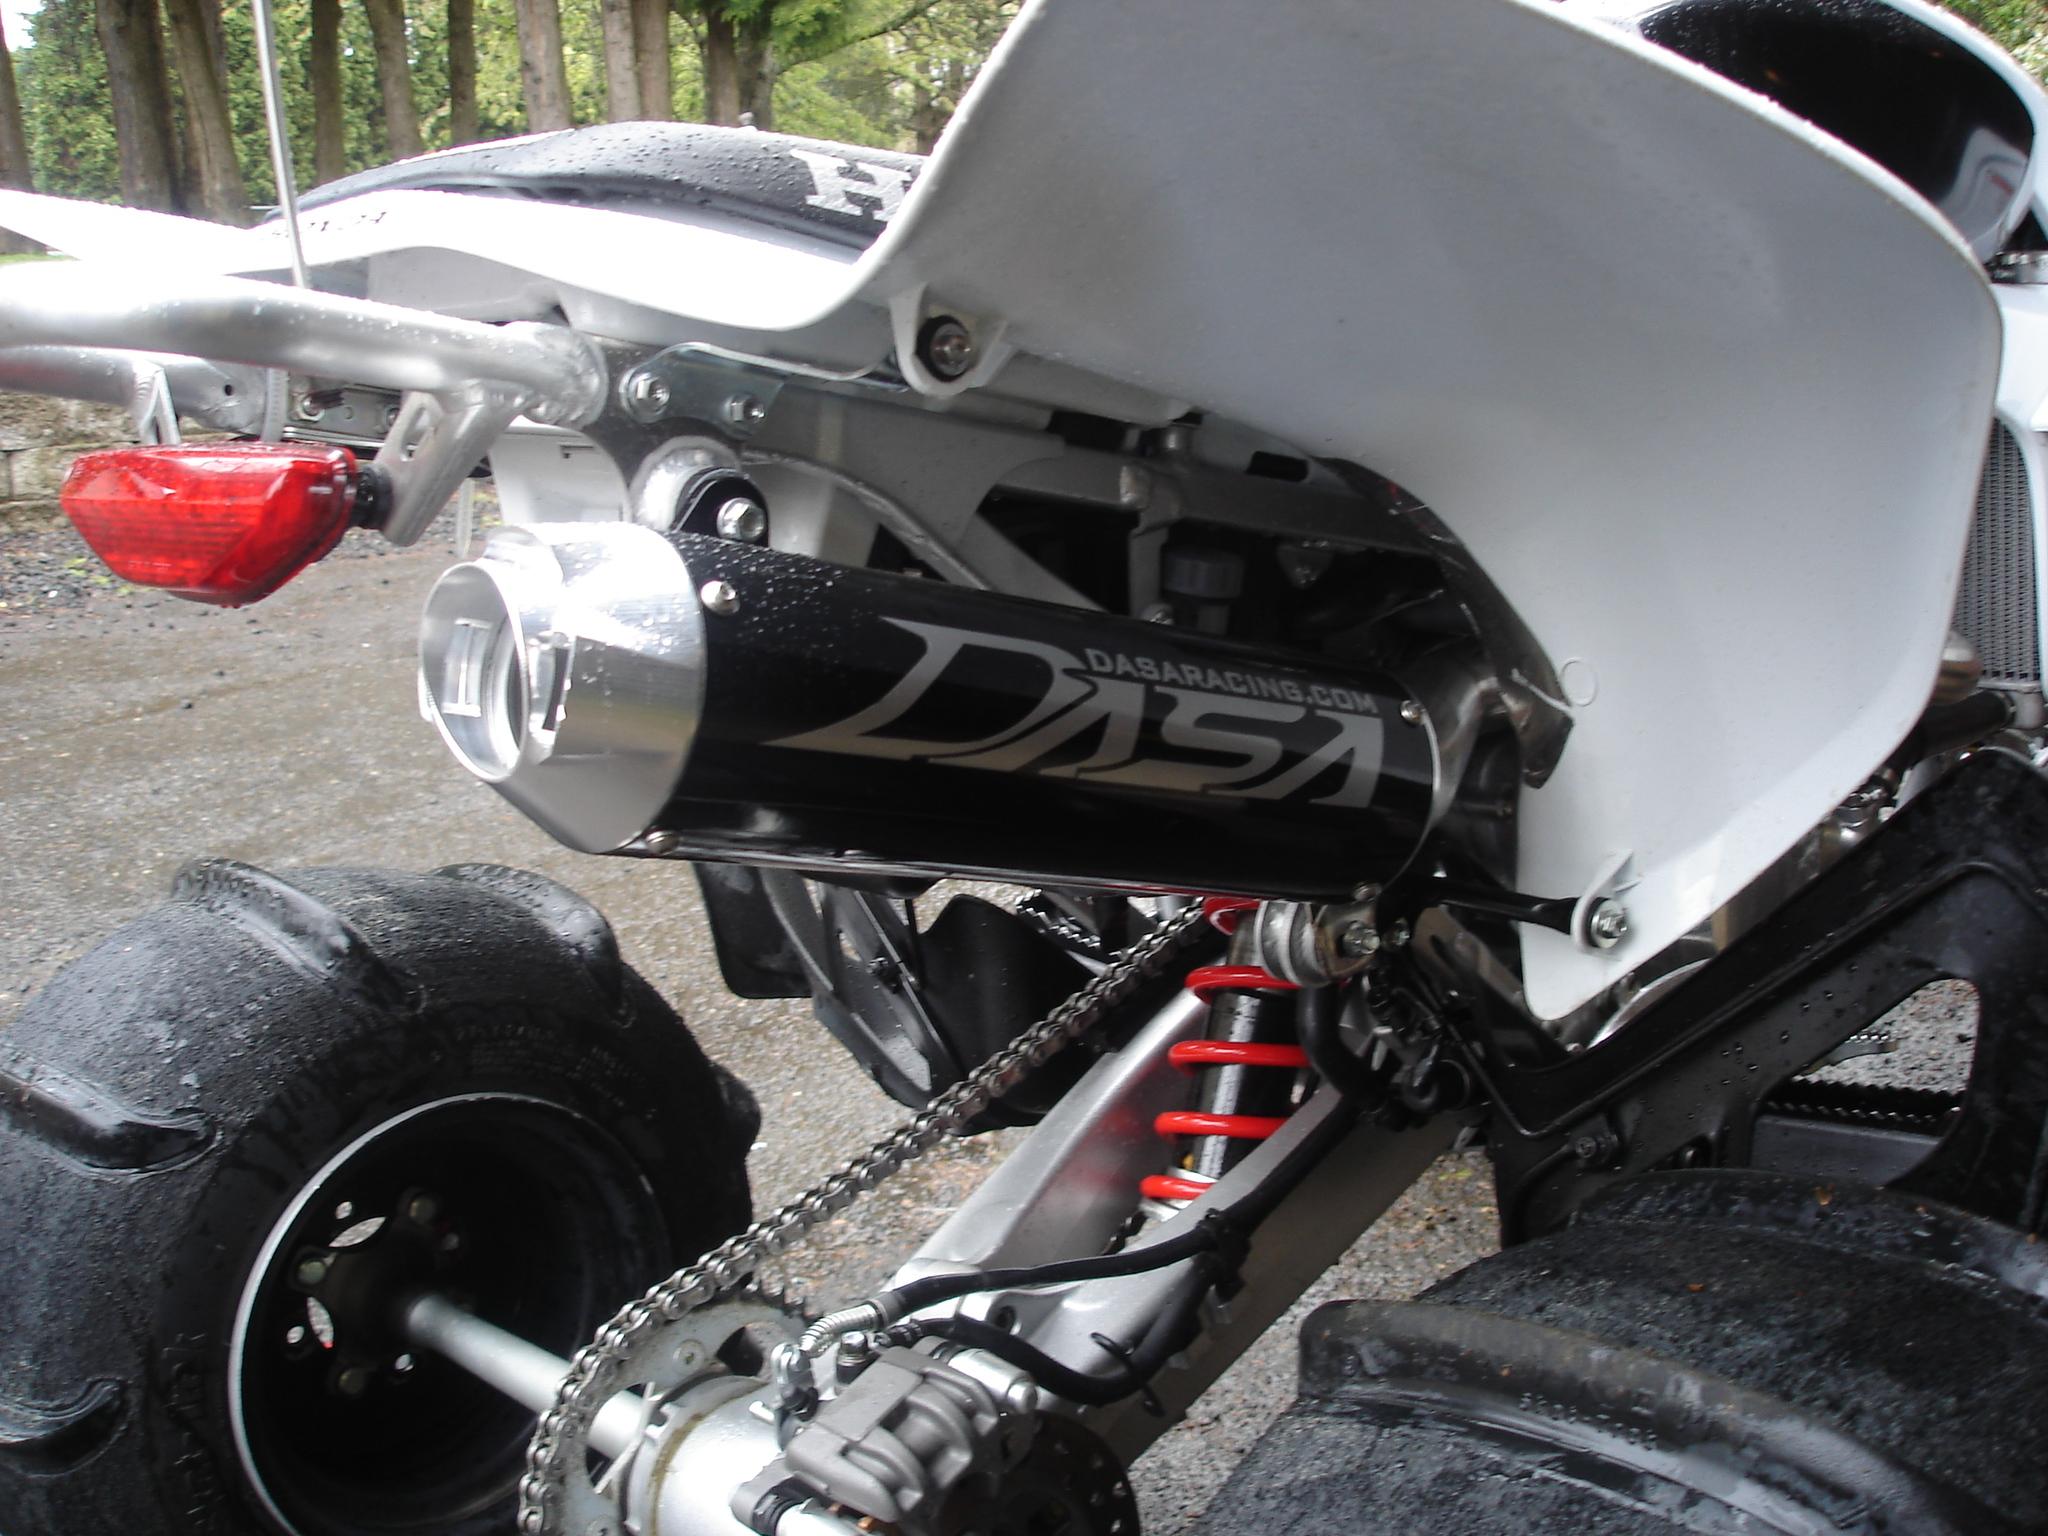 2006 honda trx450r exhaust